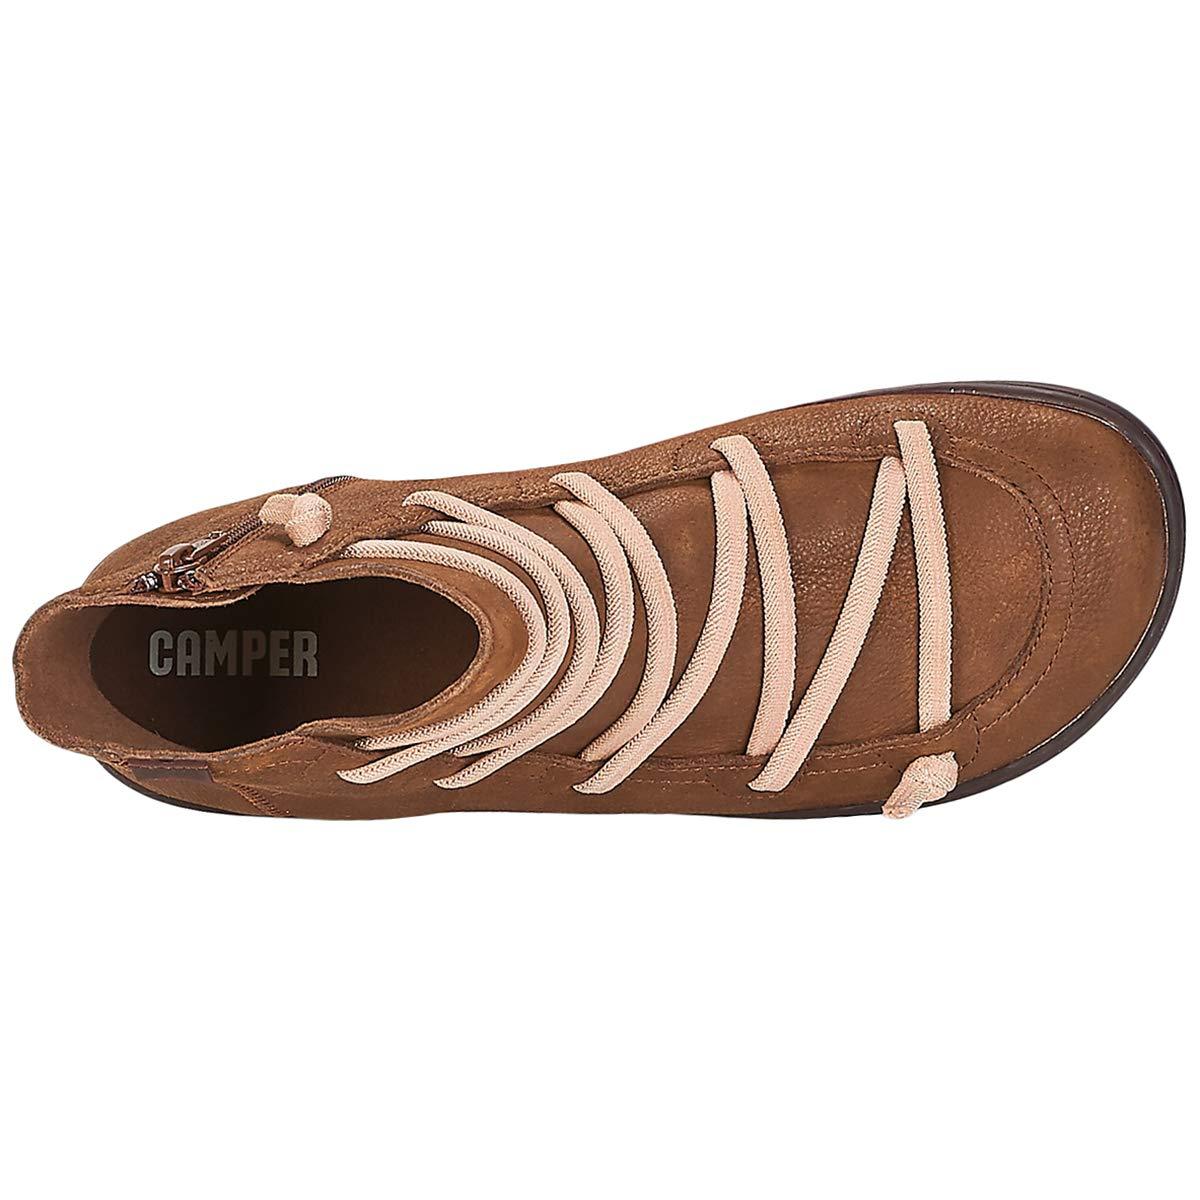 Camper Femme Peu Cami Cuir Medium Brown Bottes Bottes Brown 42 EUB07B27CW5KParent 27c32d